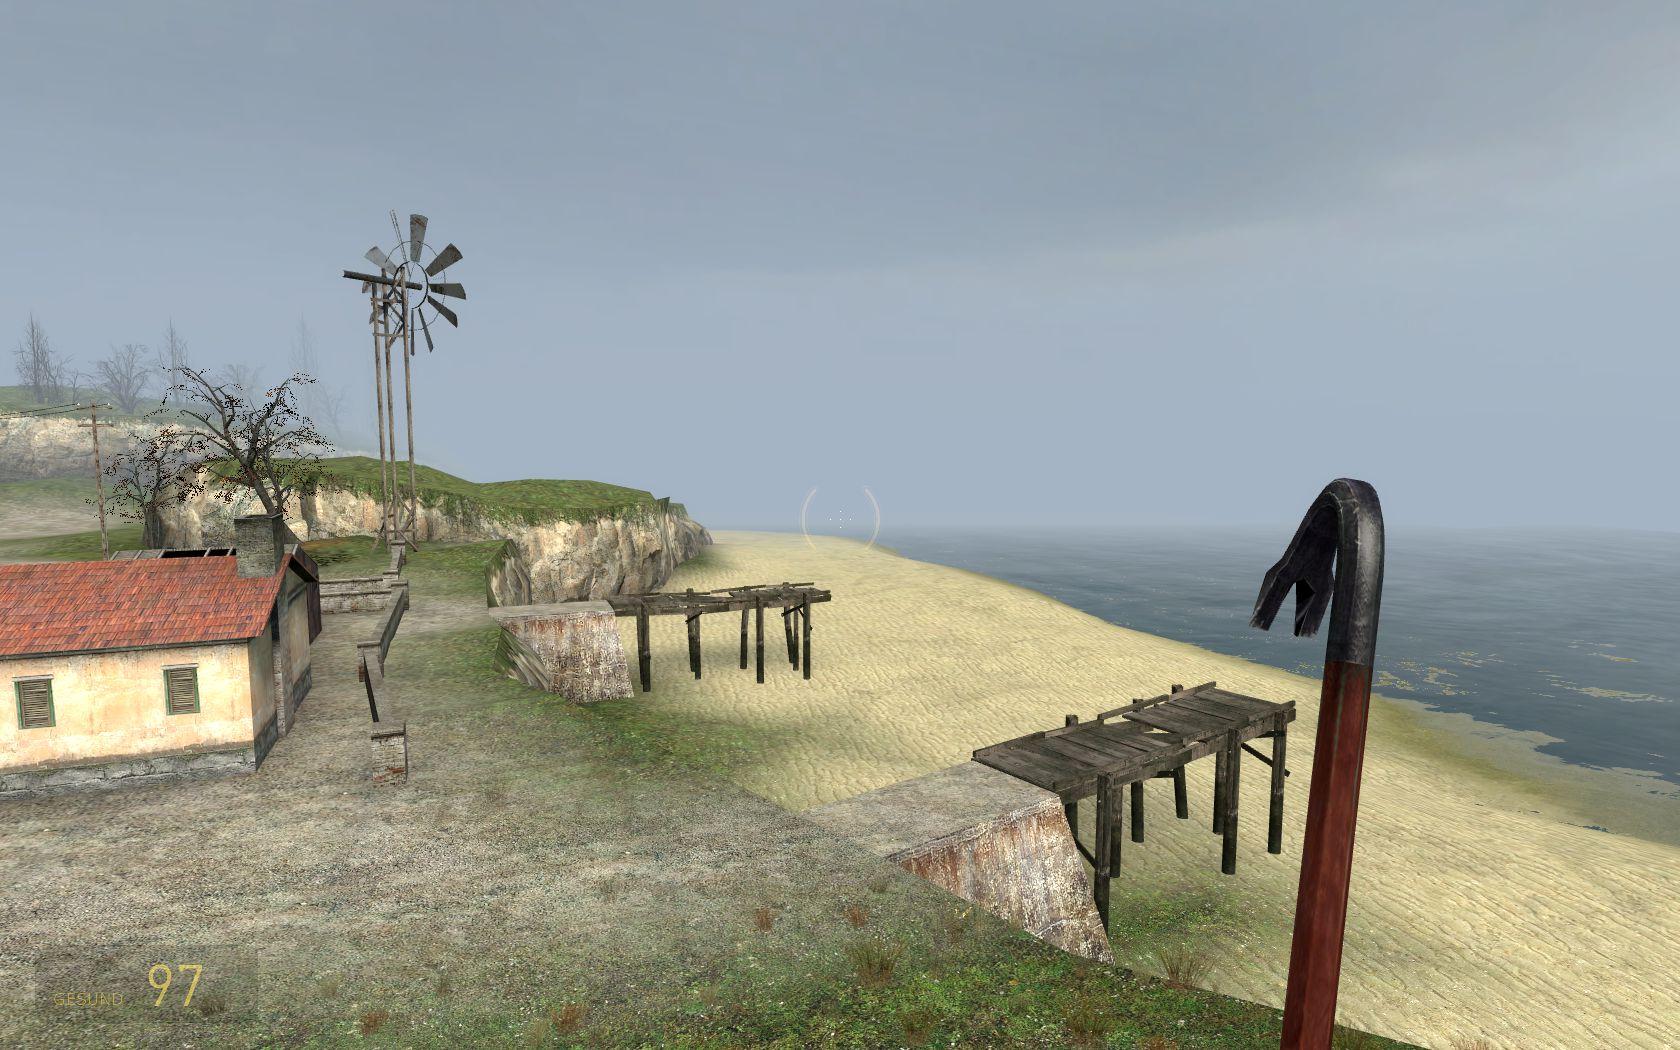 Die Aussicht vom Highway 17 auf den Strand. (Bild: André Eymann)